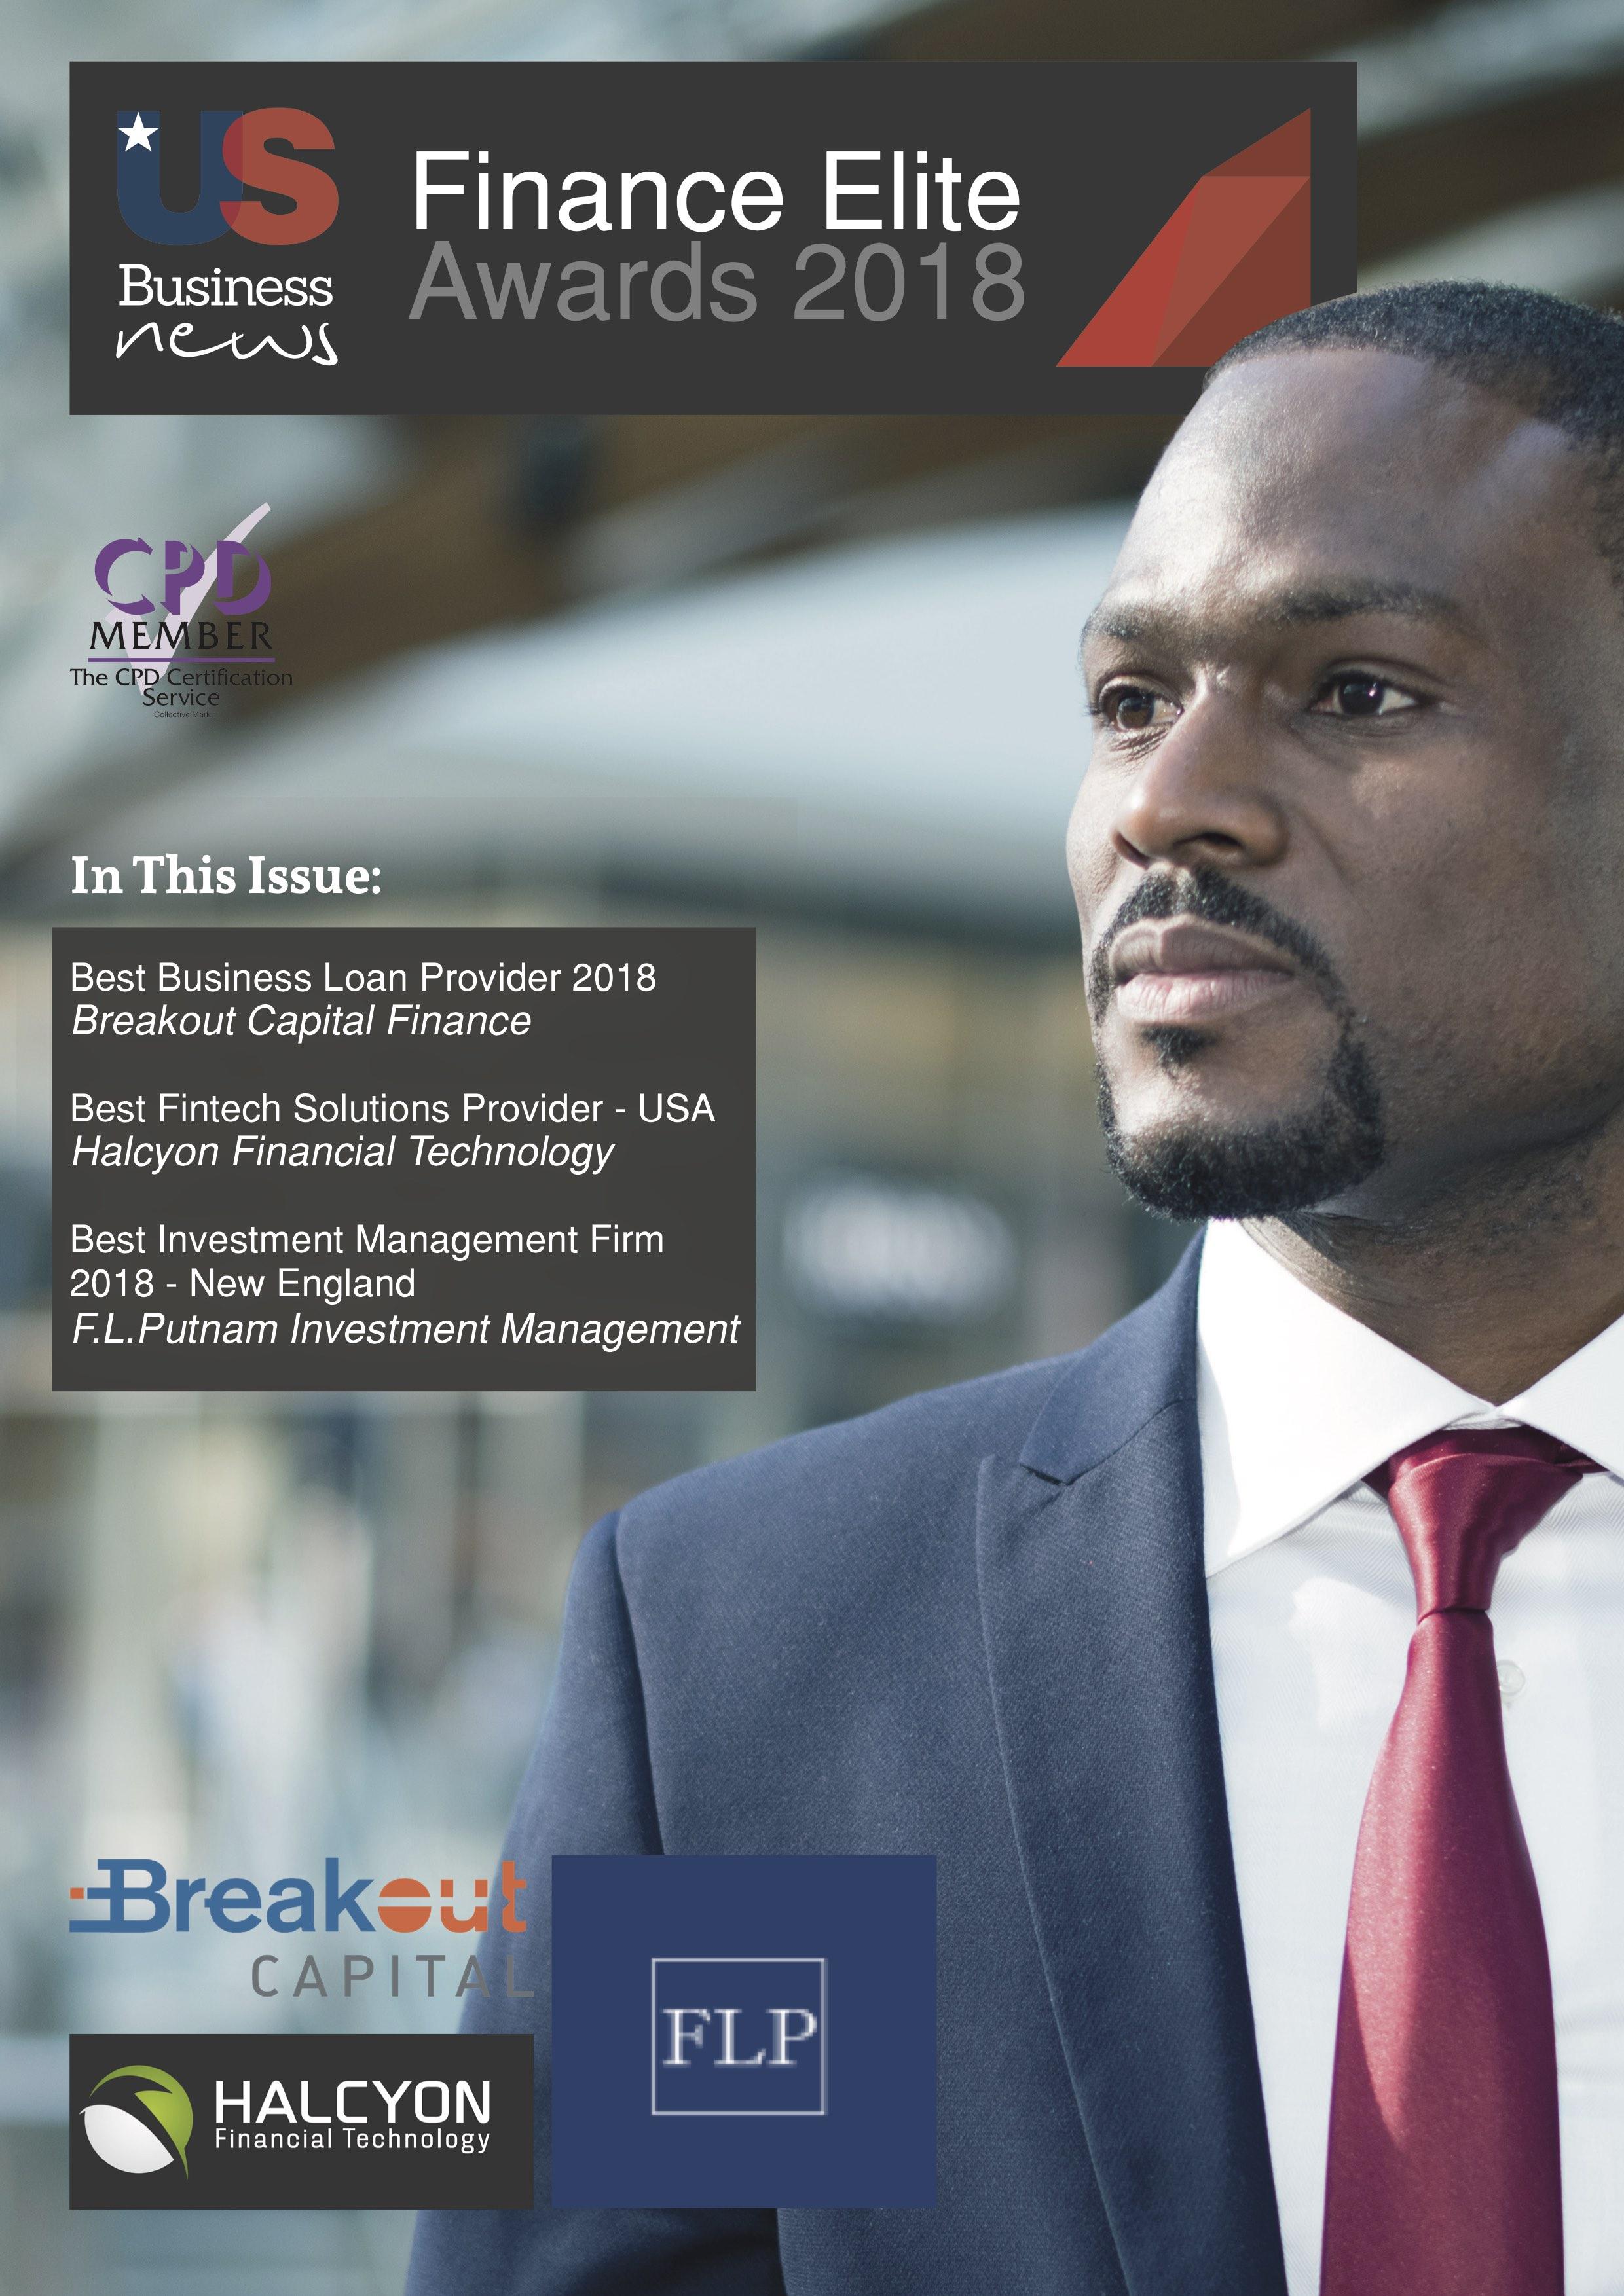 2018 Finance Elite Awards - COVER.jpg